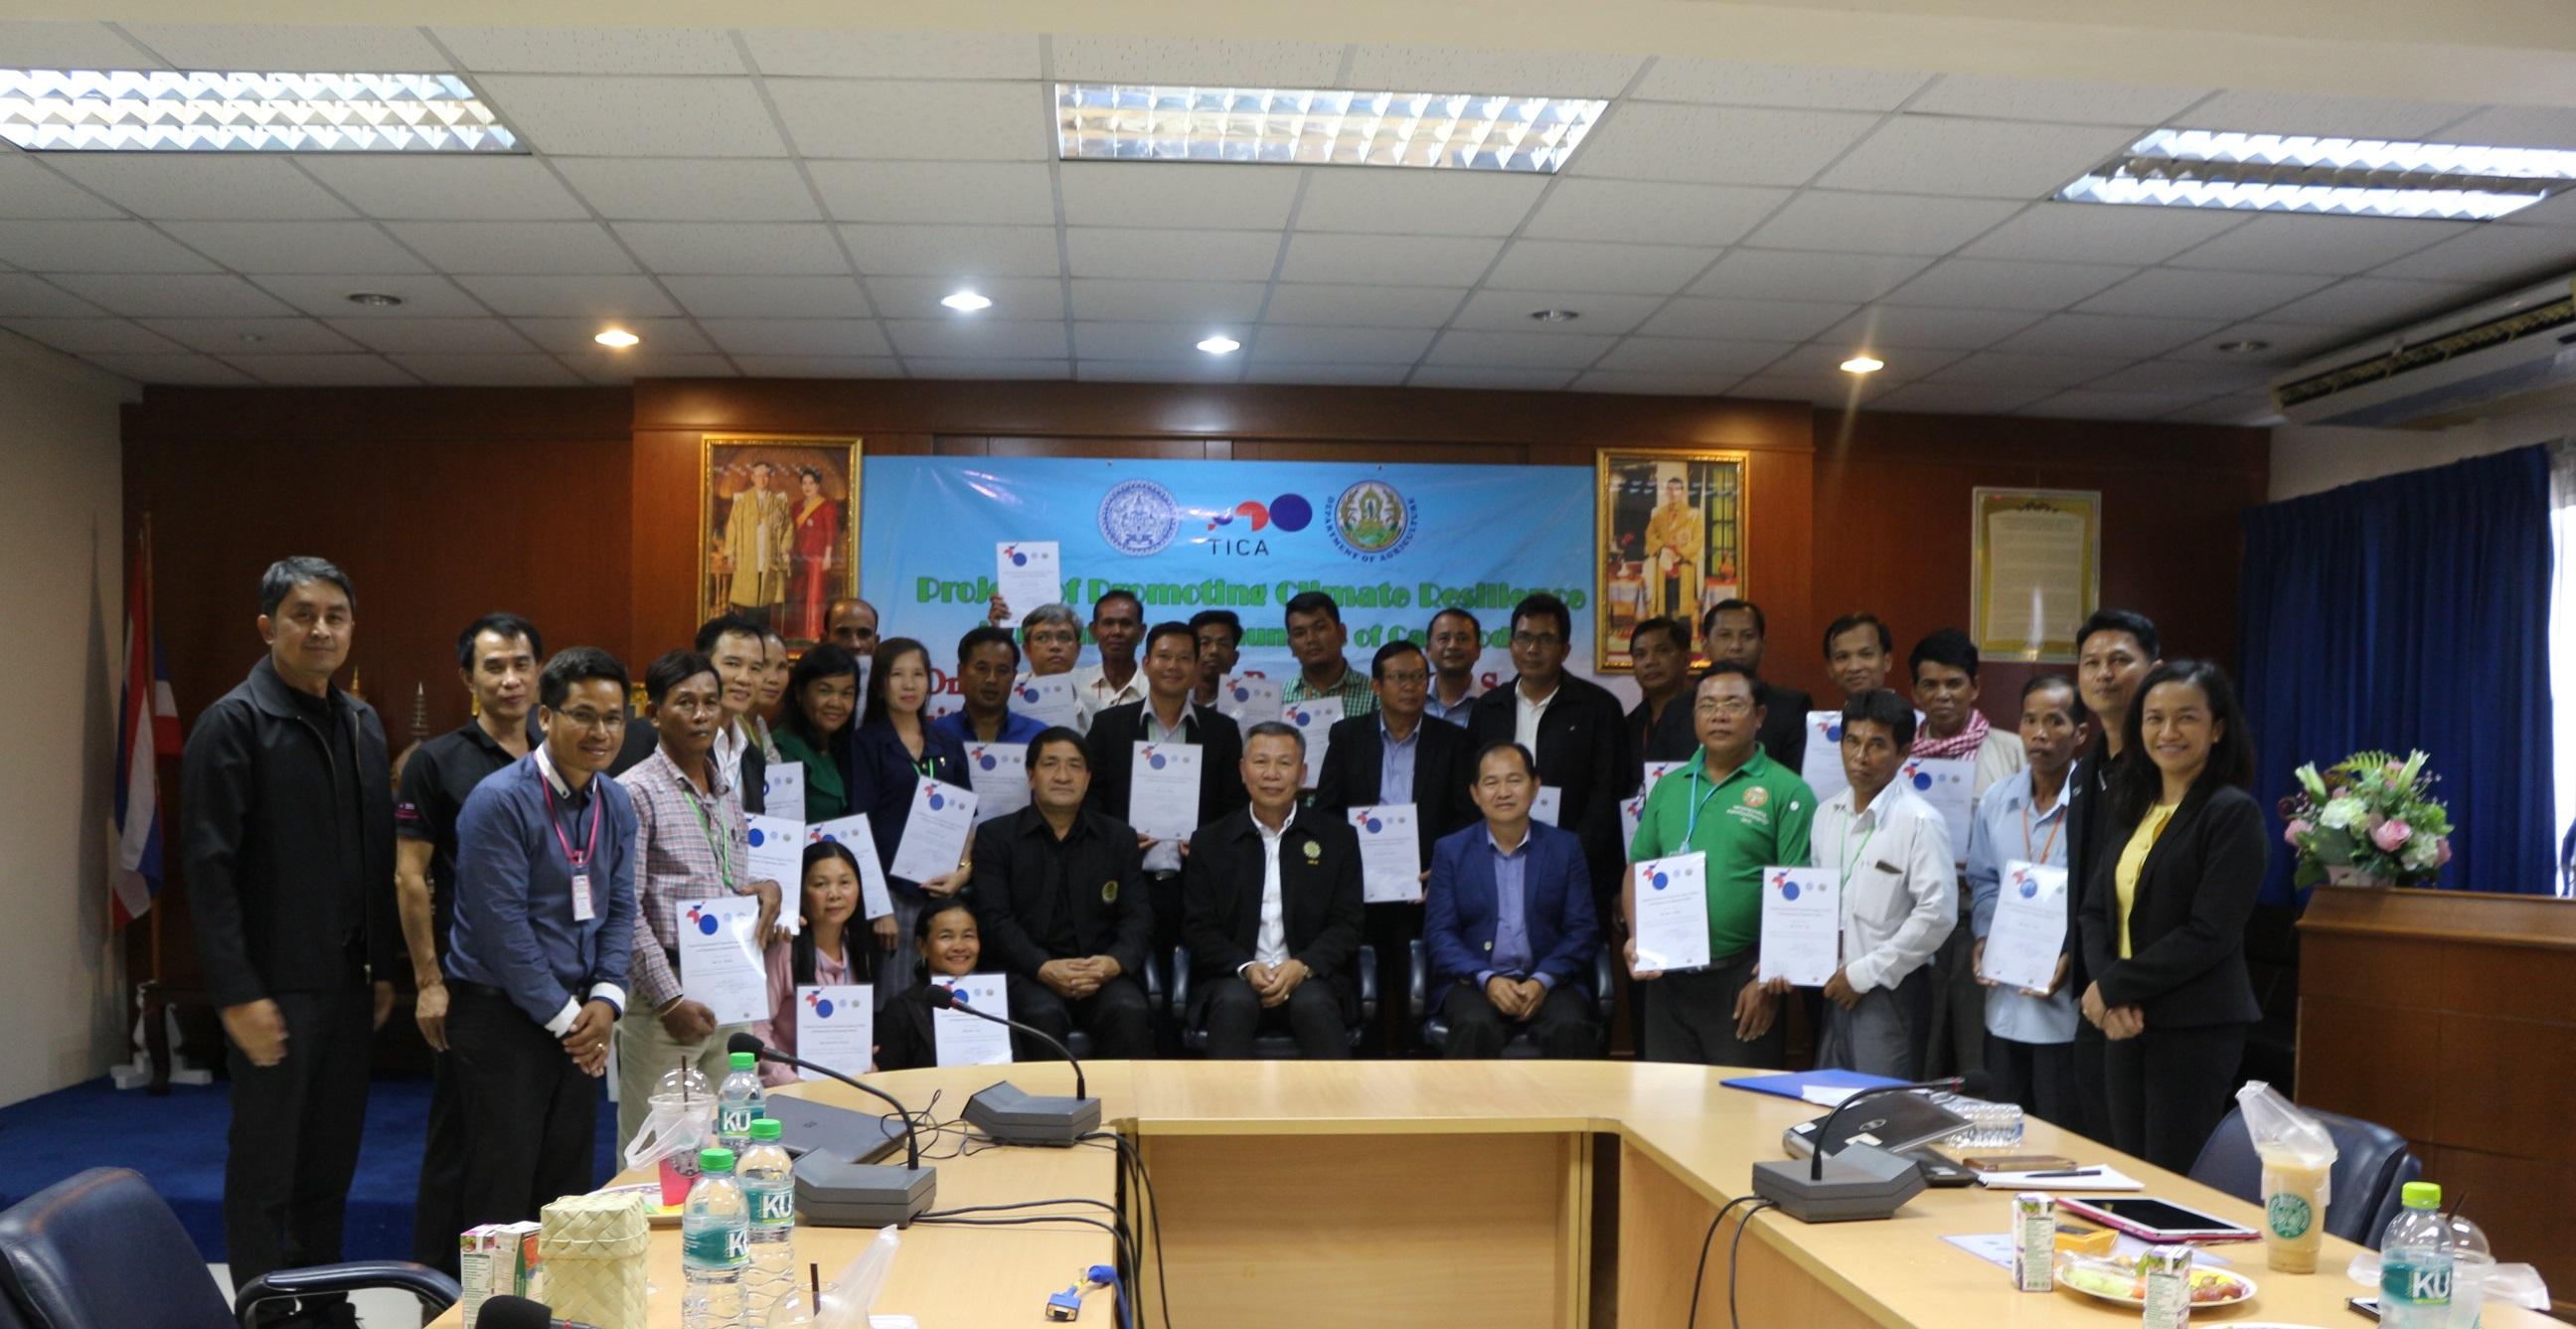 """ผู้อำนวยการสถาบันเป็นประธานพิธีปิดการฝึกอบรม """"การผลิตพืชผักและผลไม้นอกฤดูในประเทศไทย"""" On-The- job Training Course on Off-Season Fruit and Vegetable Crops  Production in Thailand"""